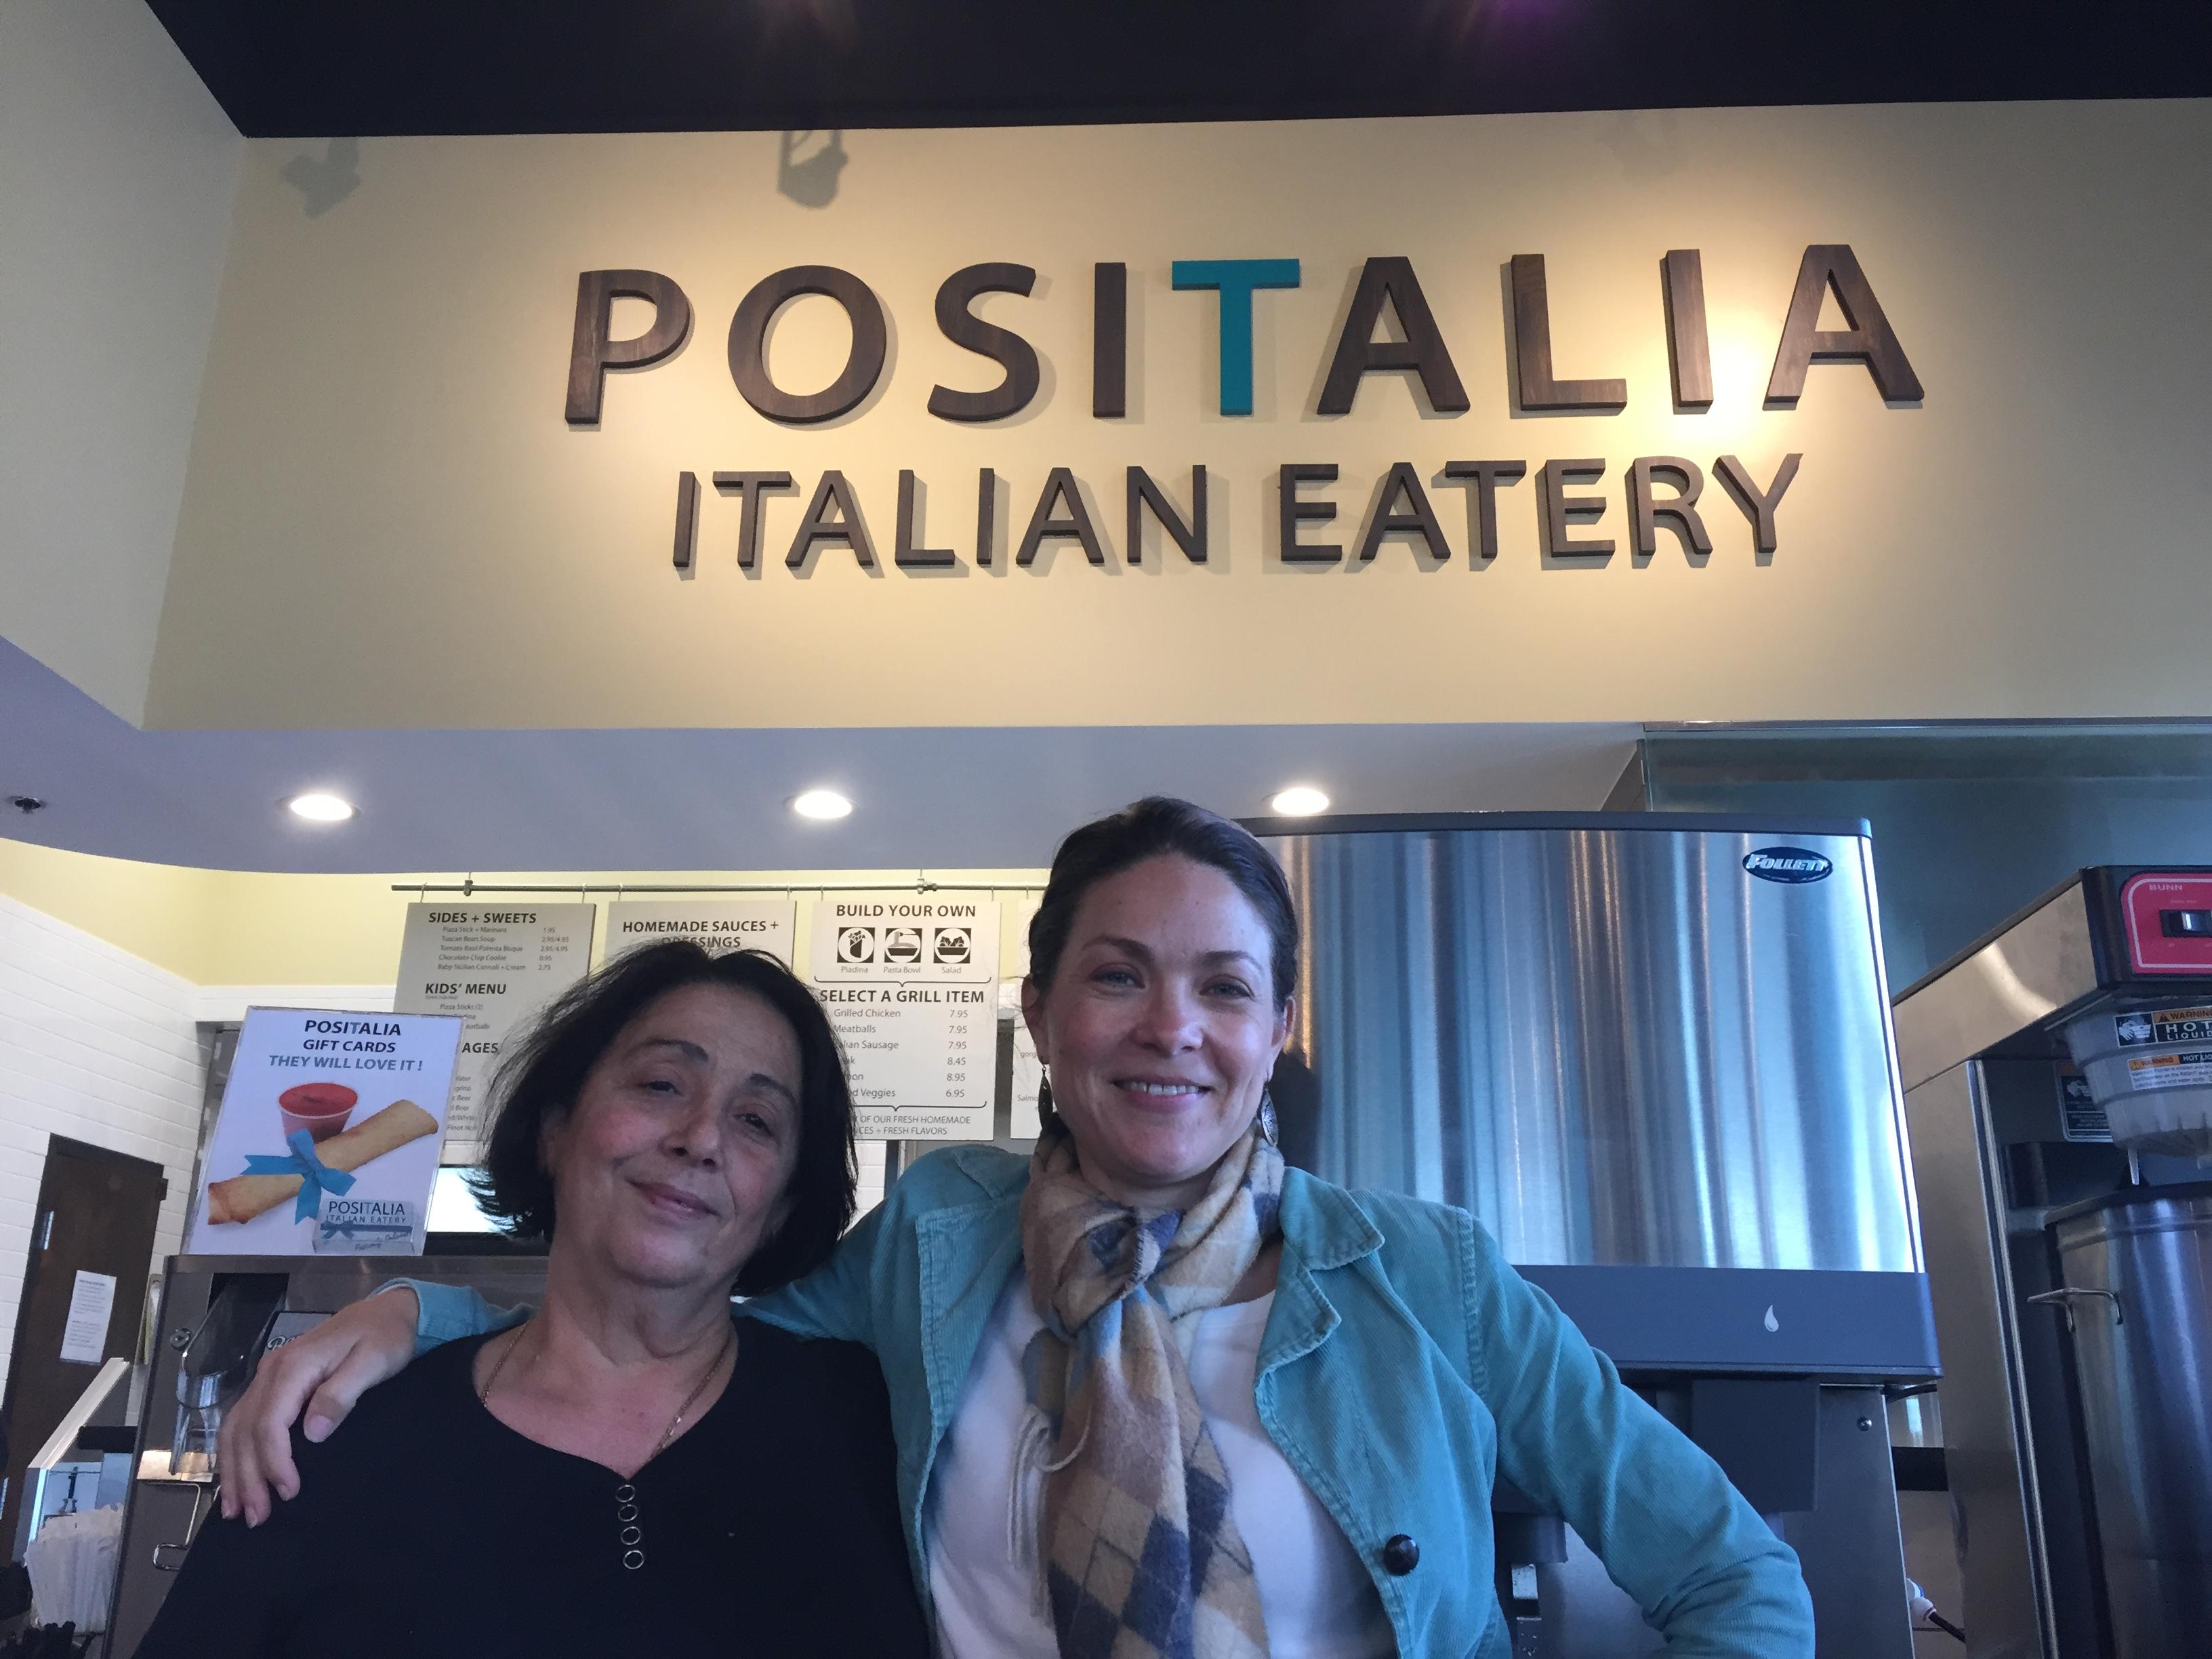 Chef Nina - Positalia Italian Eatery